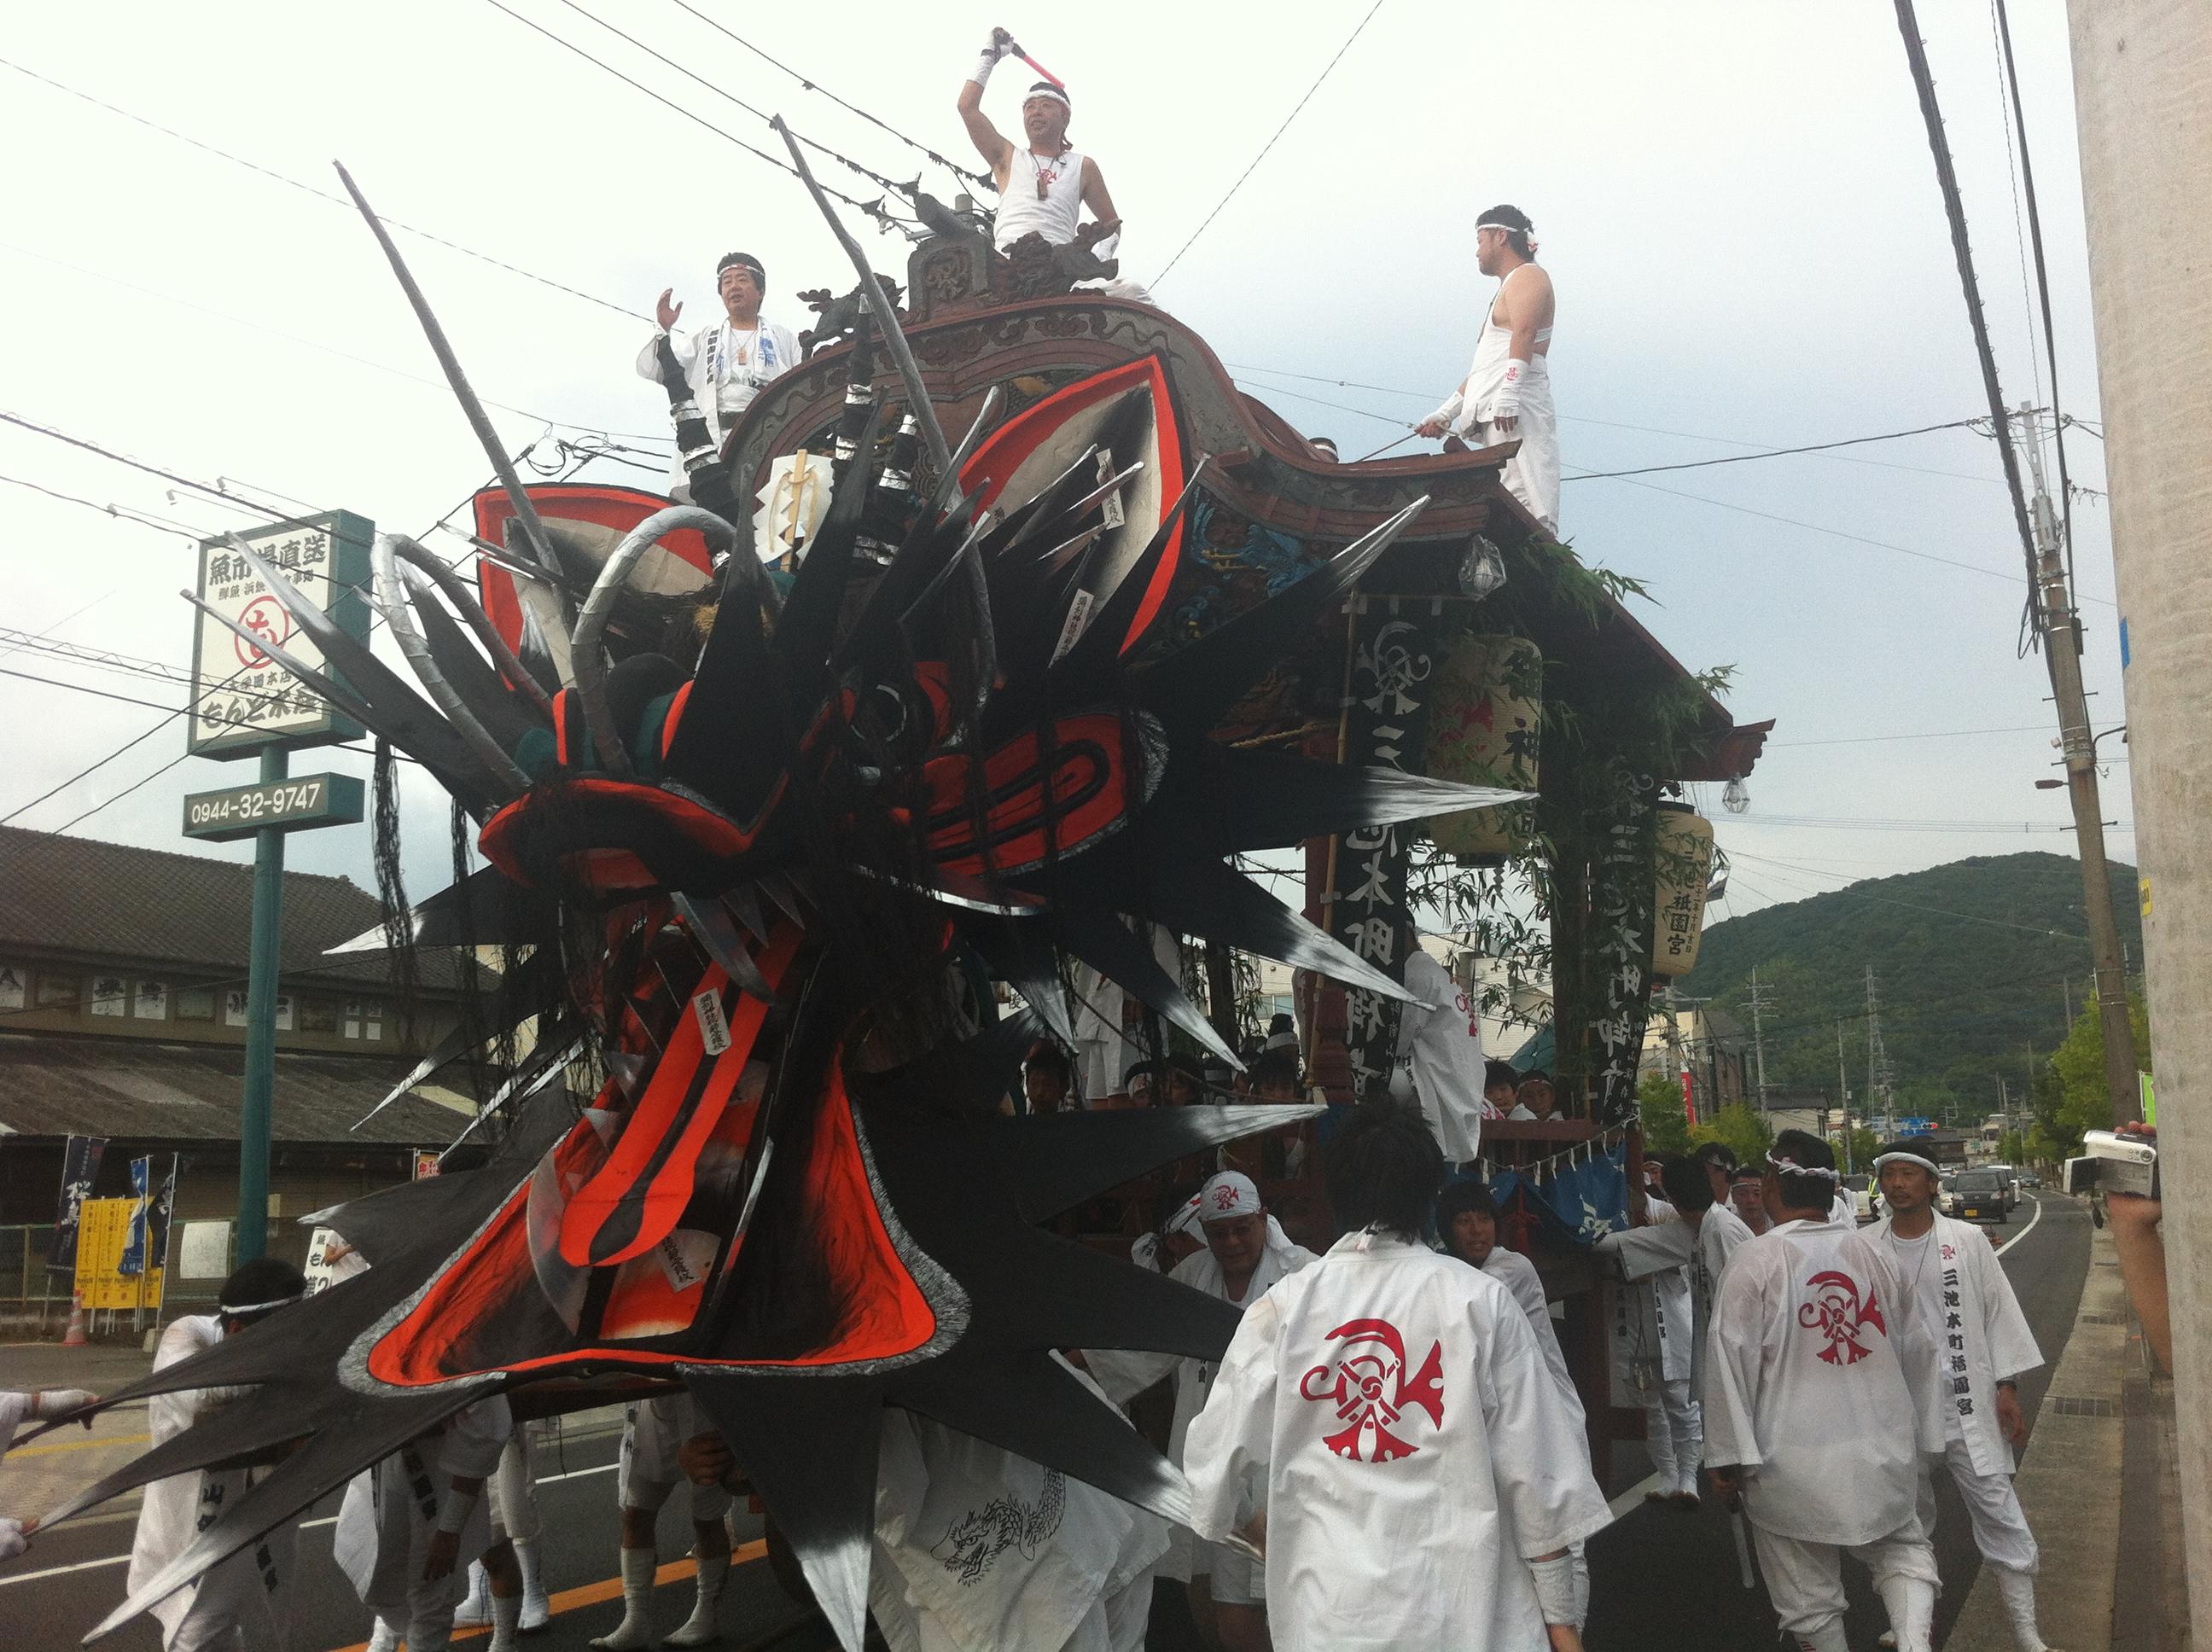 私の地元、福岡県大牟田市の大蛇祭り。子供の頃は御神輿を引いていました。